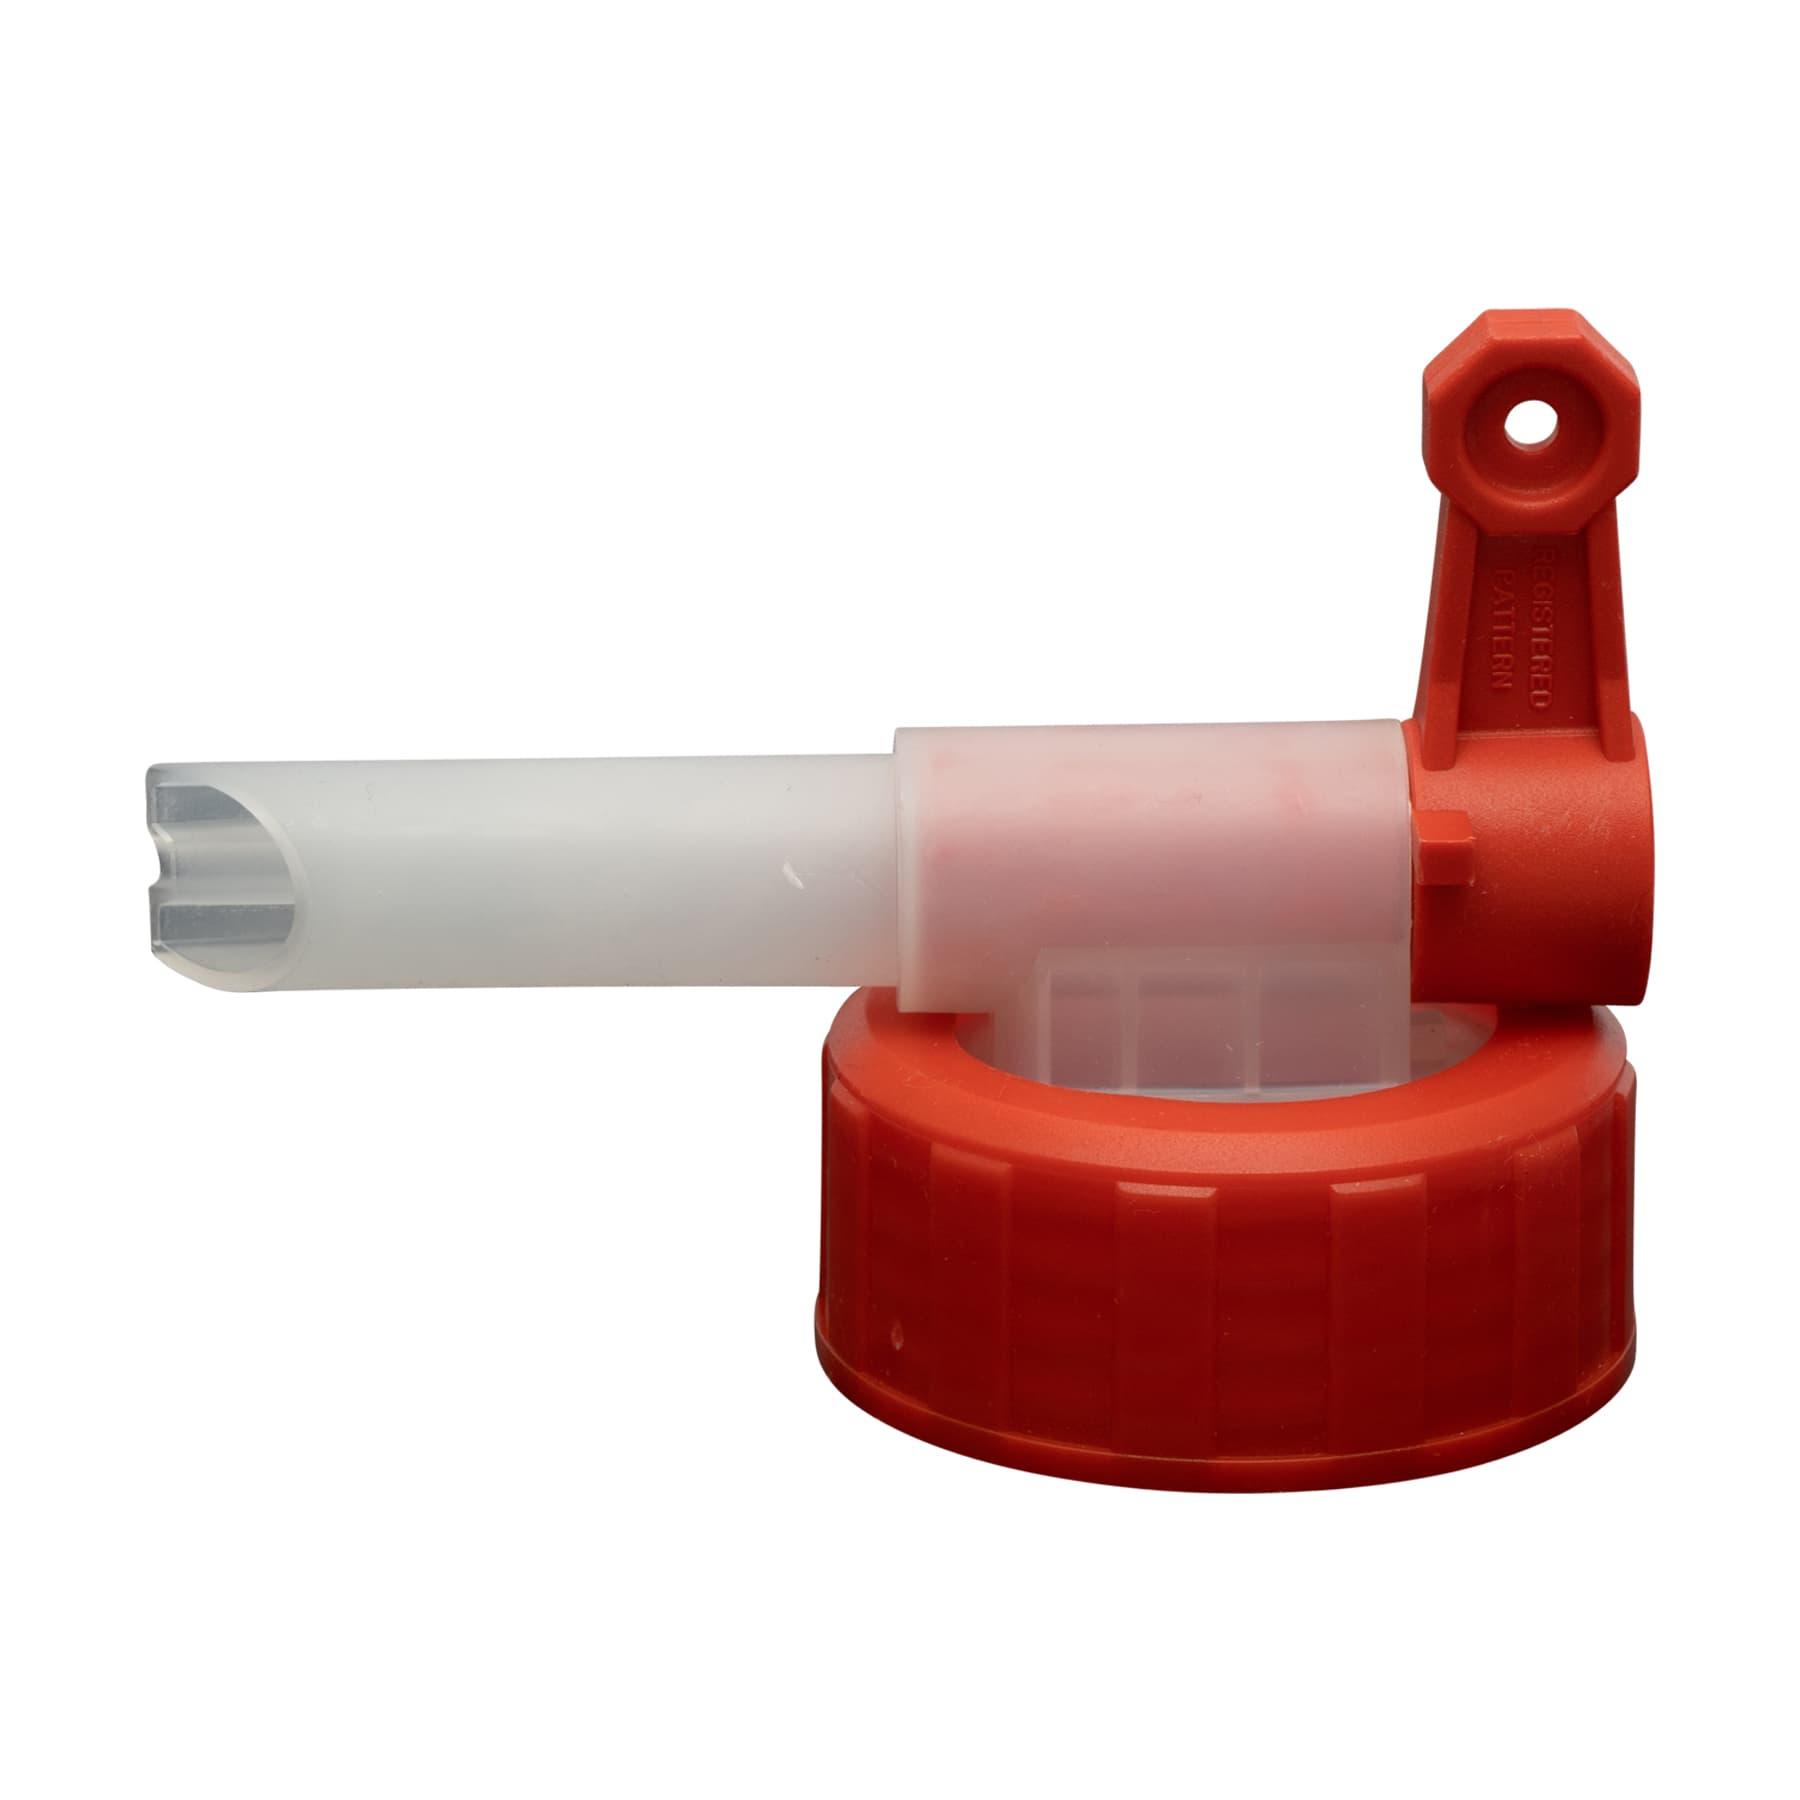 Dosierhahn für 10 L Kanister 45 mm Gewinde, 12 mm Öffnung